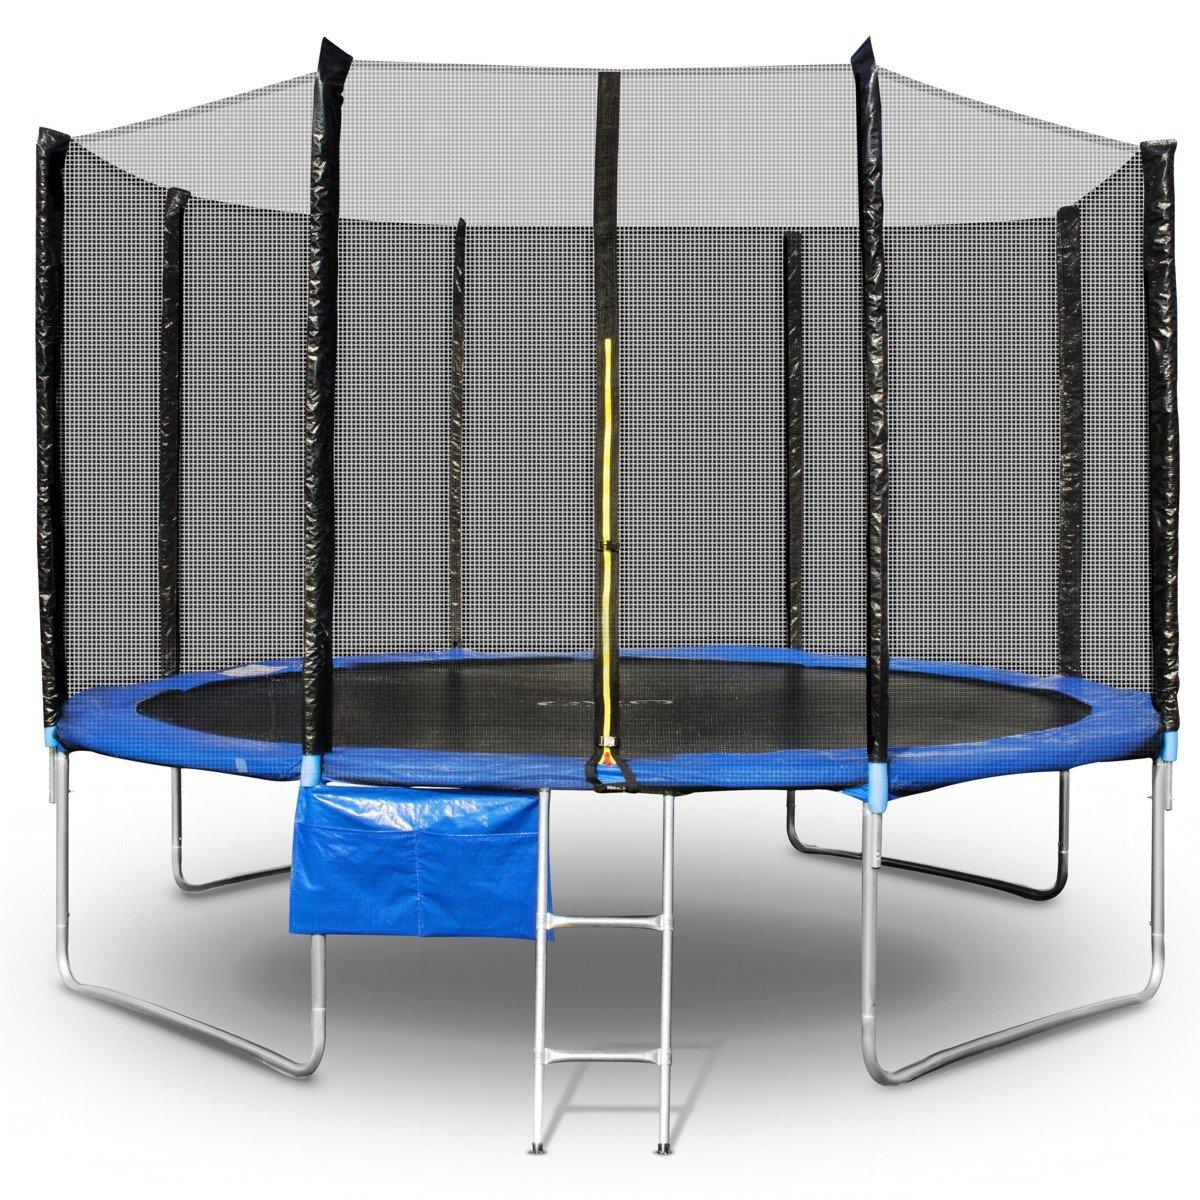 Trampolin Gartentrampolin 244 cm bis 366 cm Komplettset mit Sicherheitsnetz Leiter Tasche jetzt bestellen